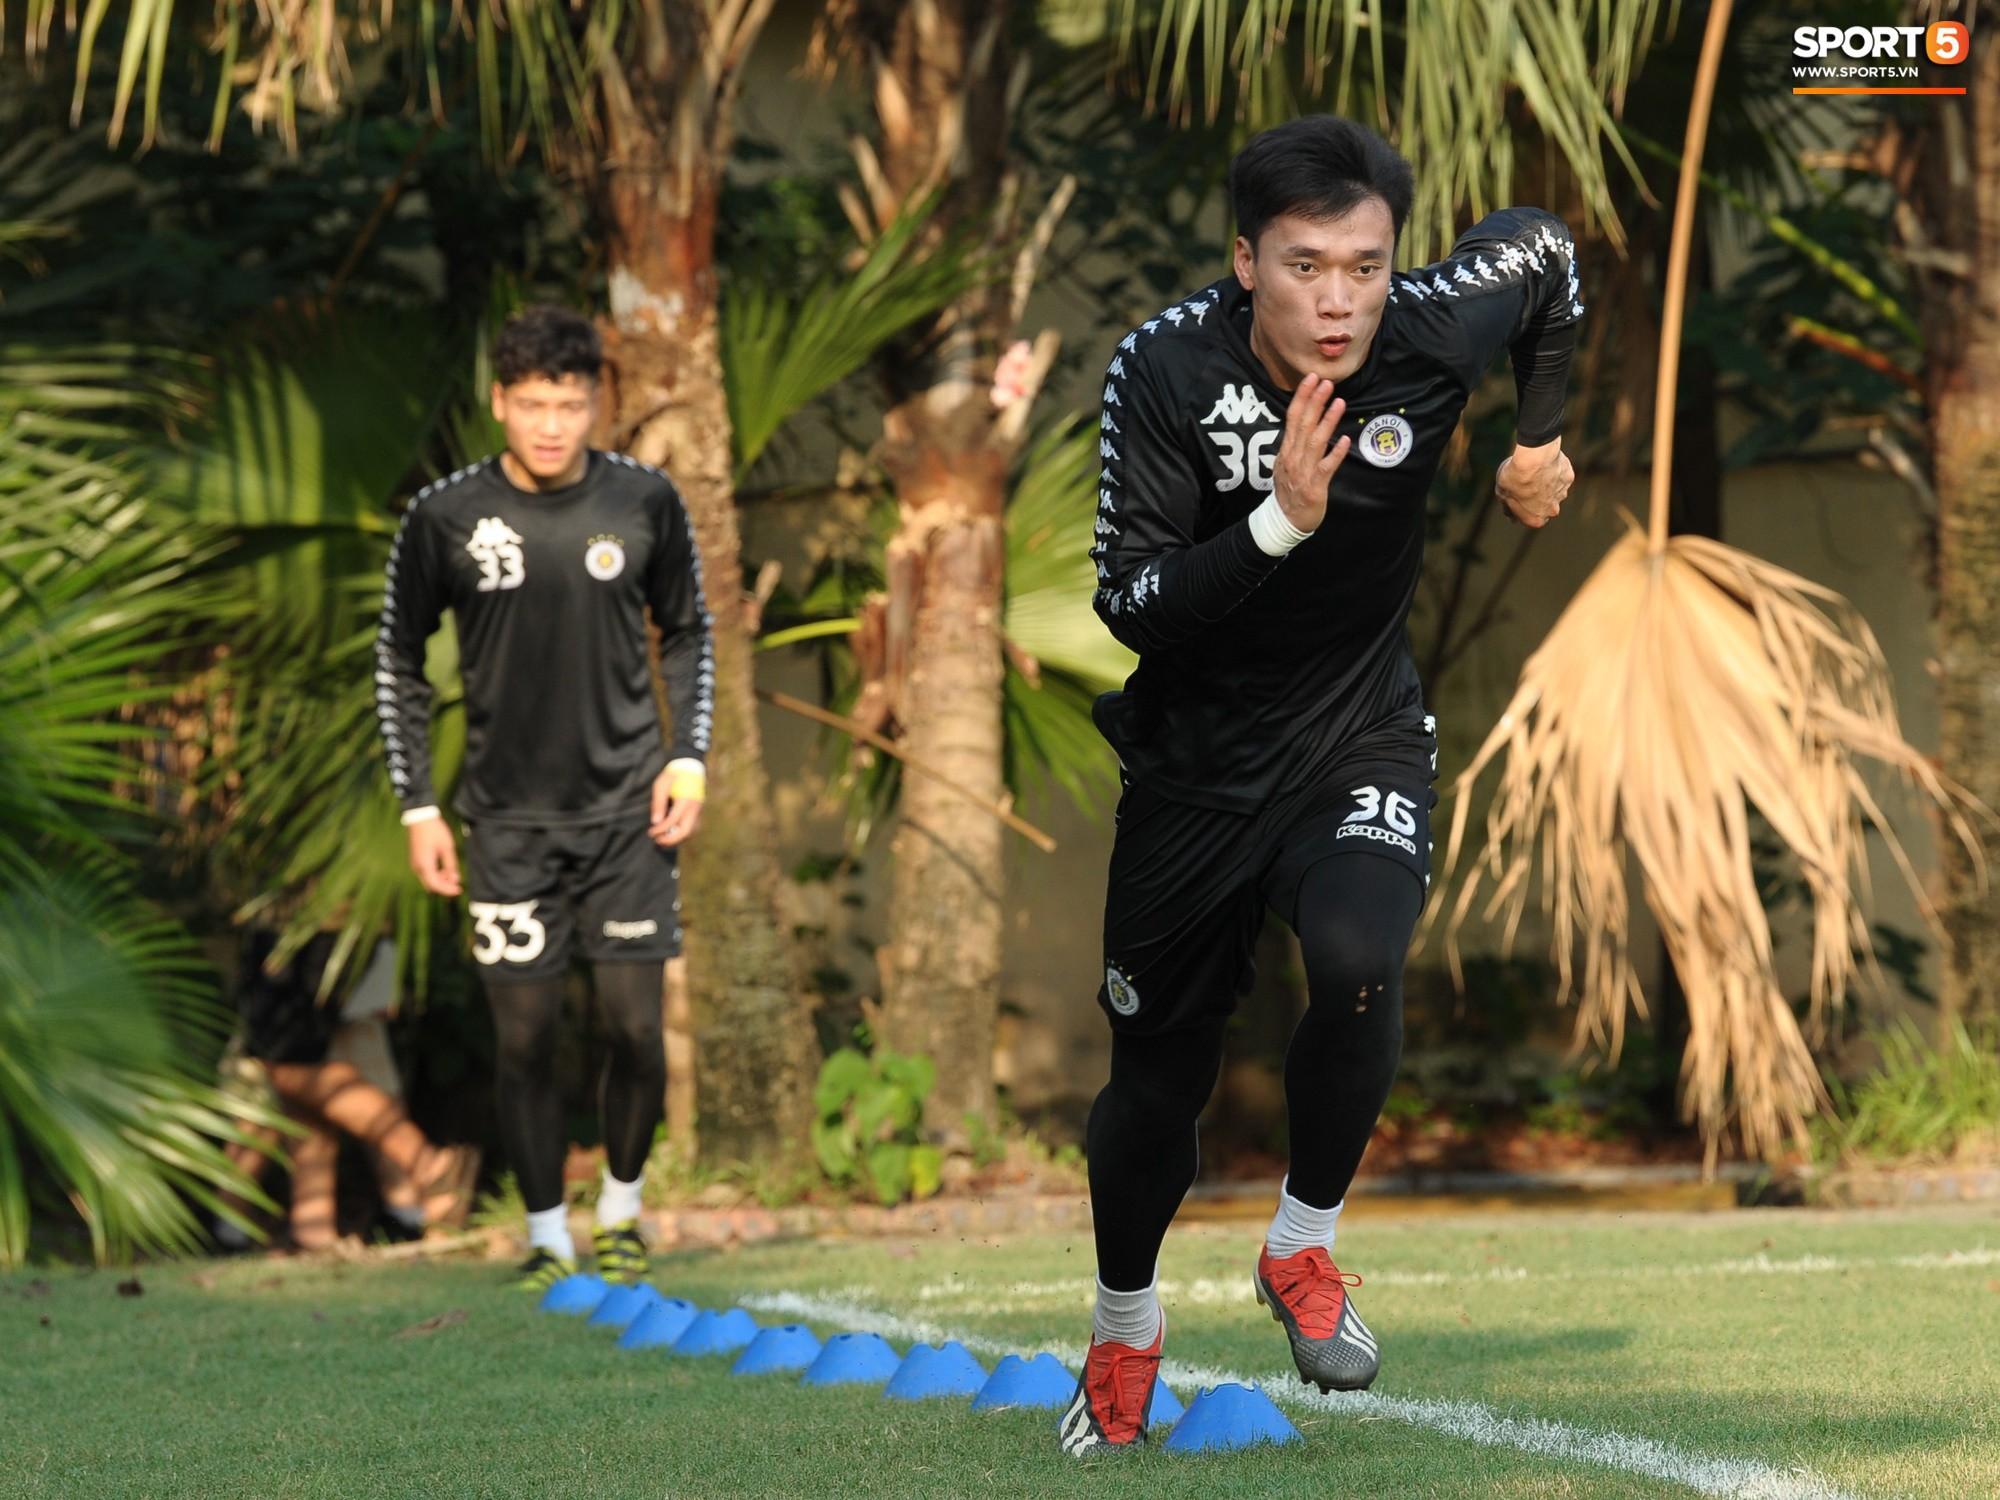 Ban huấn luyện không nhắc đến Tiến Dũng khi chọn thủ môn cho đội tuyển Quốc gia - Ảnh 1.